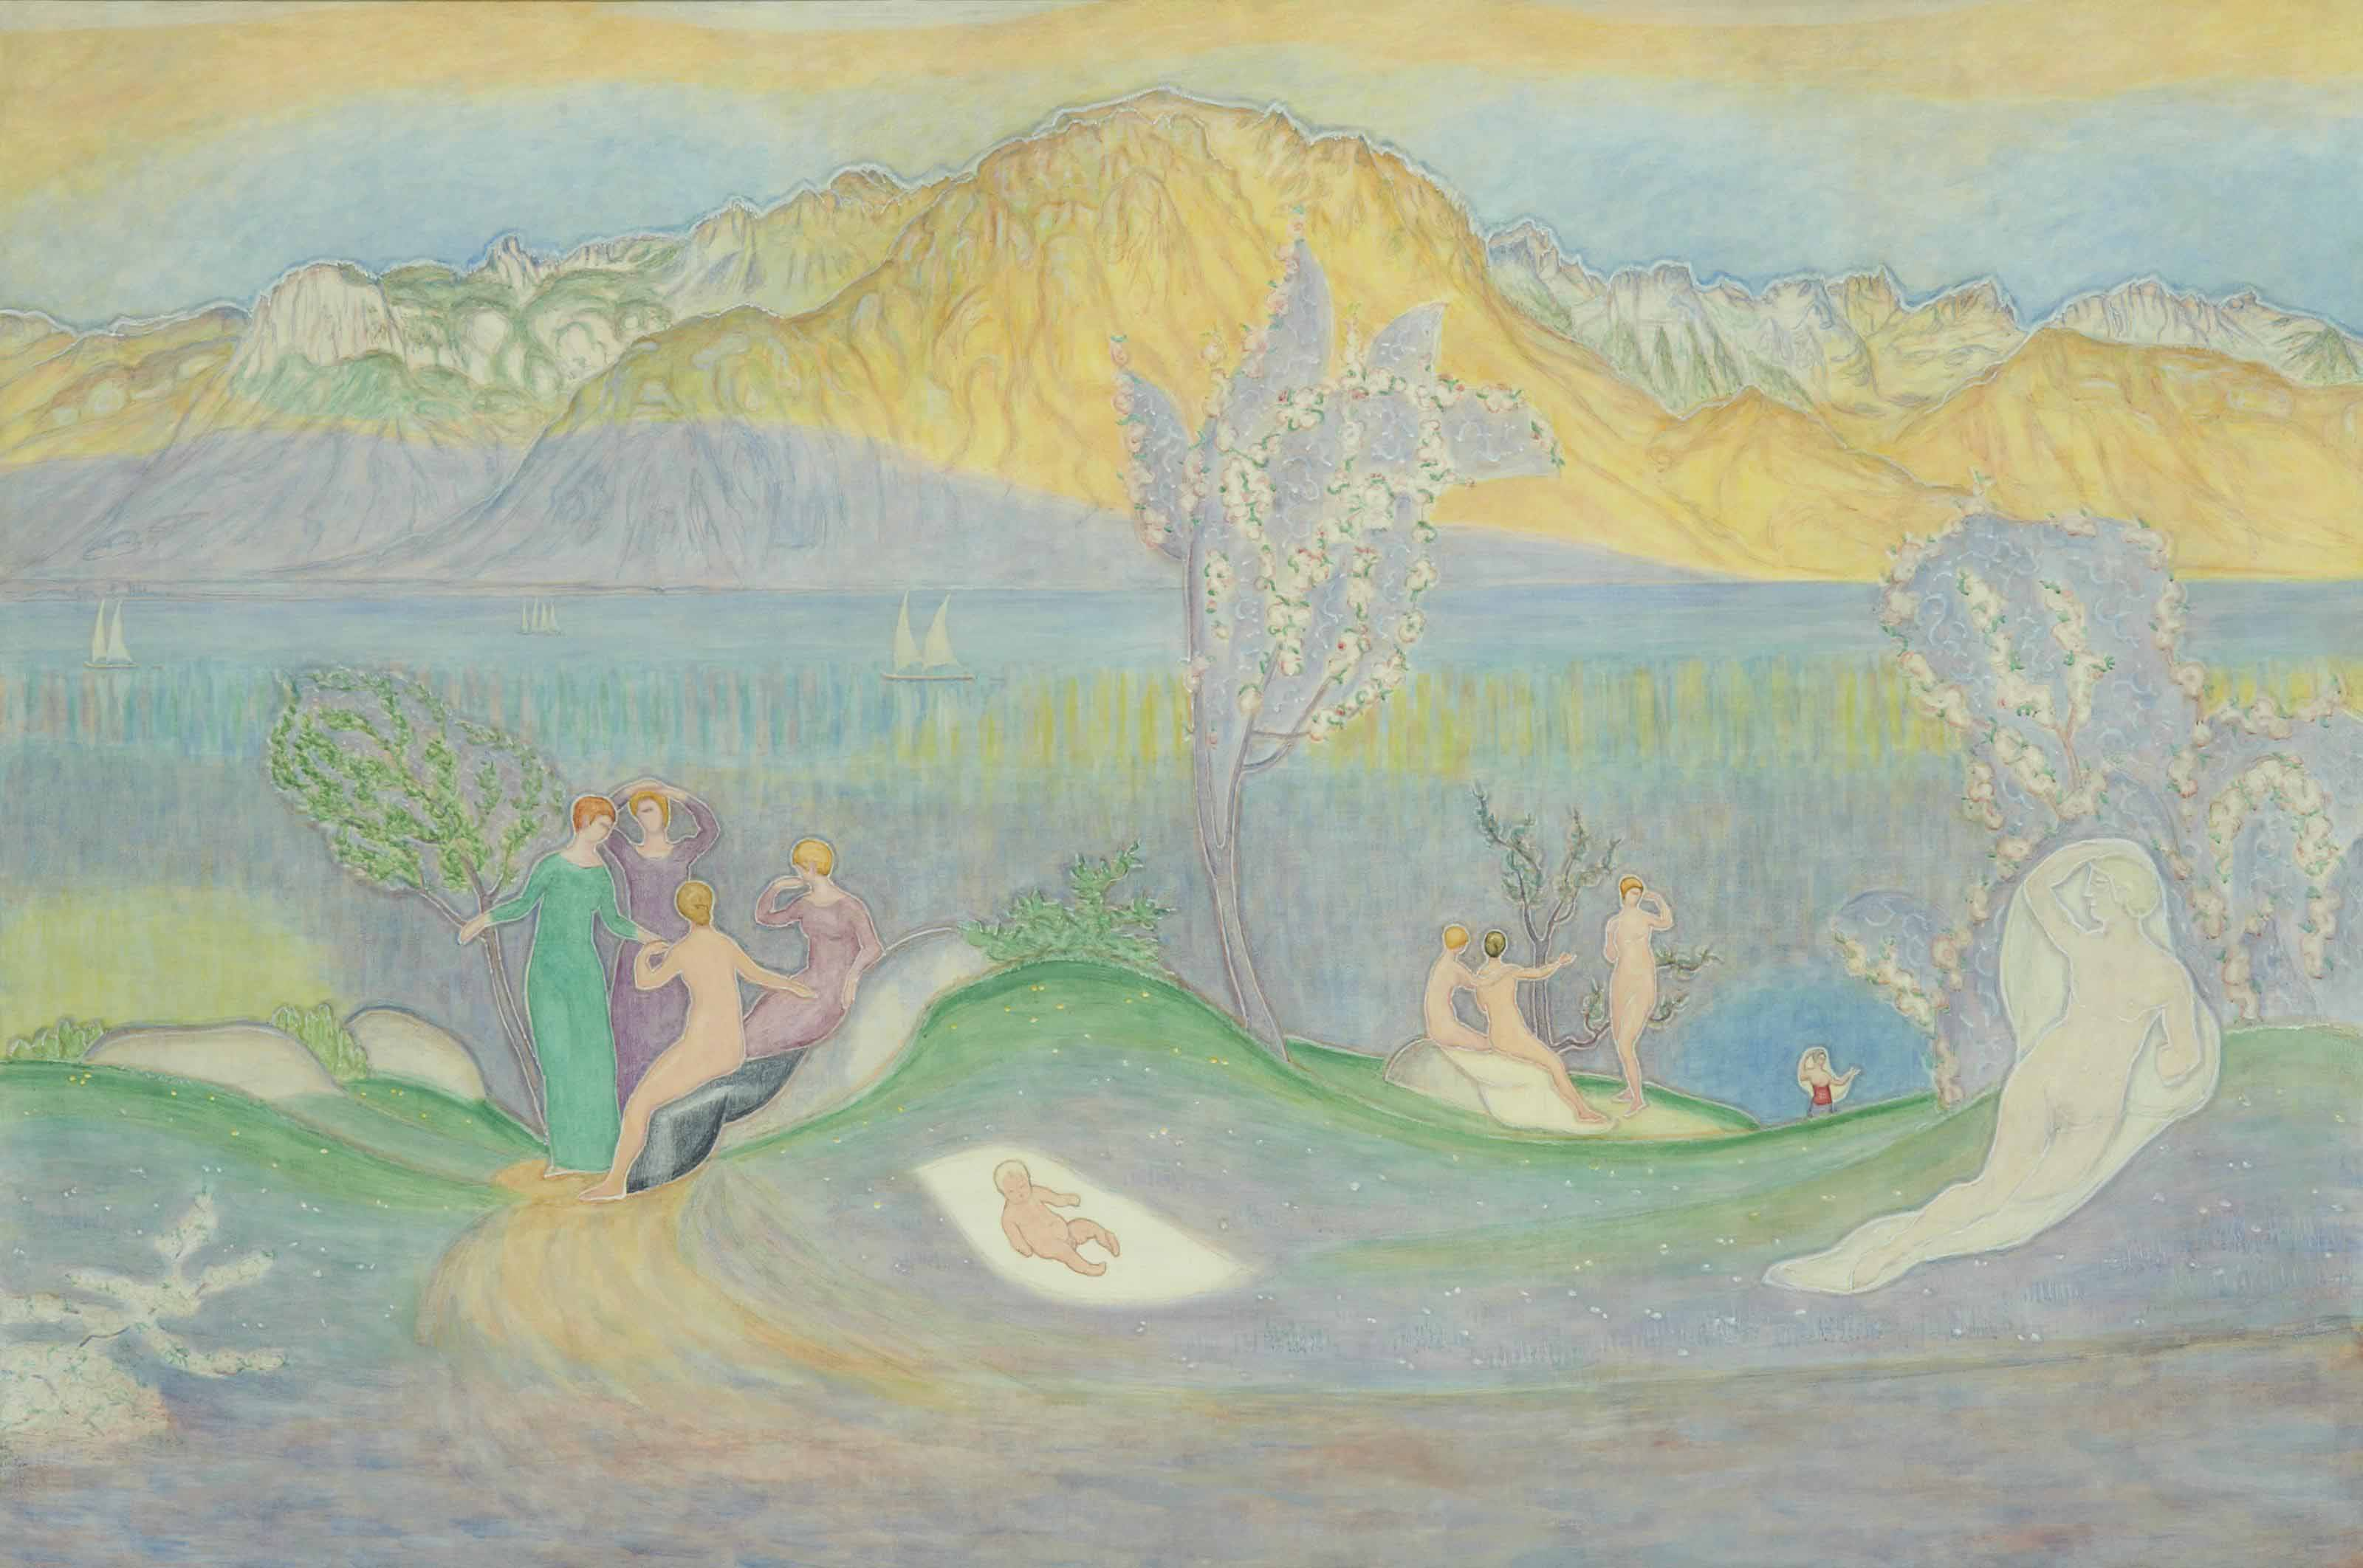 La naissance du poète, 1909